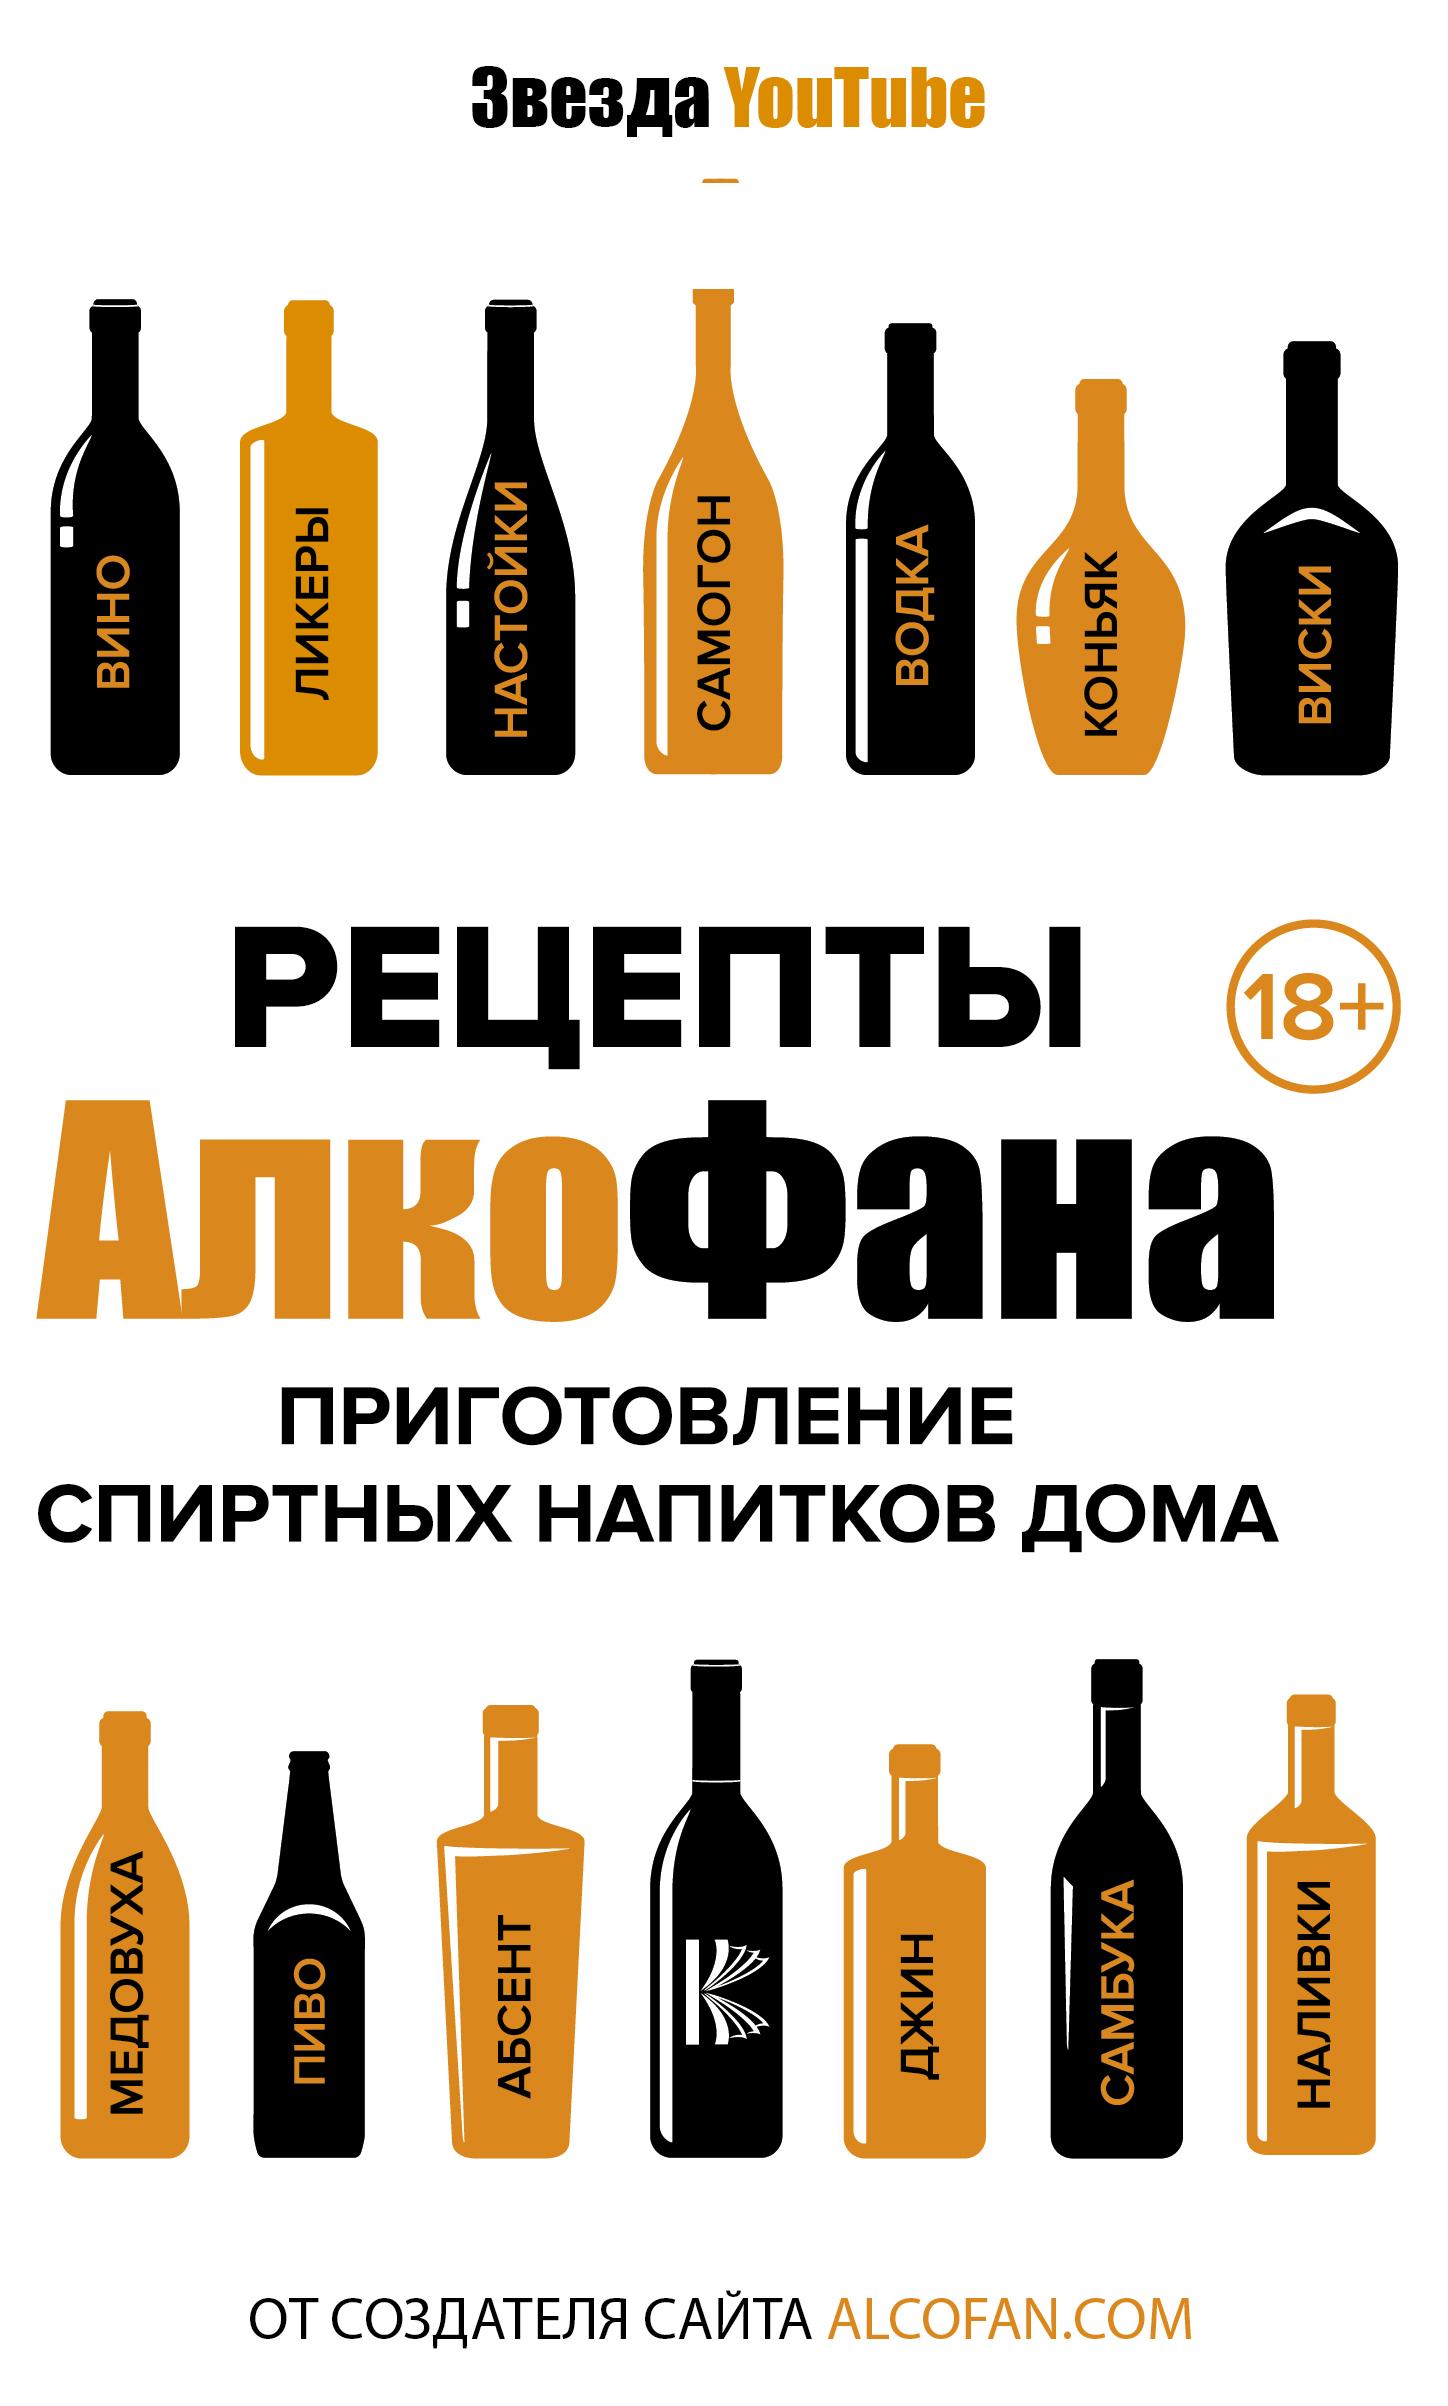 Книга АСТ Билявец Ю. П. «Рецепты Алкофана. Приготовление спиртных напитков дома»